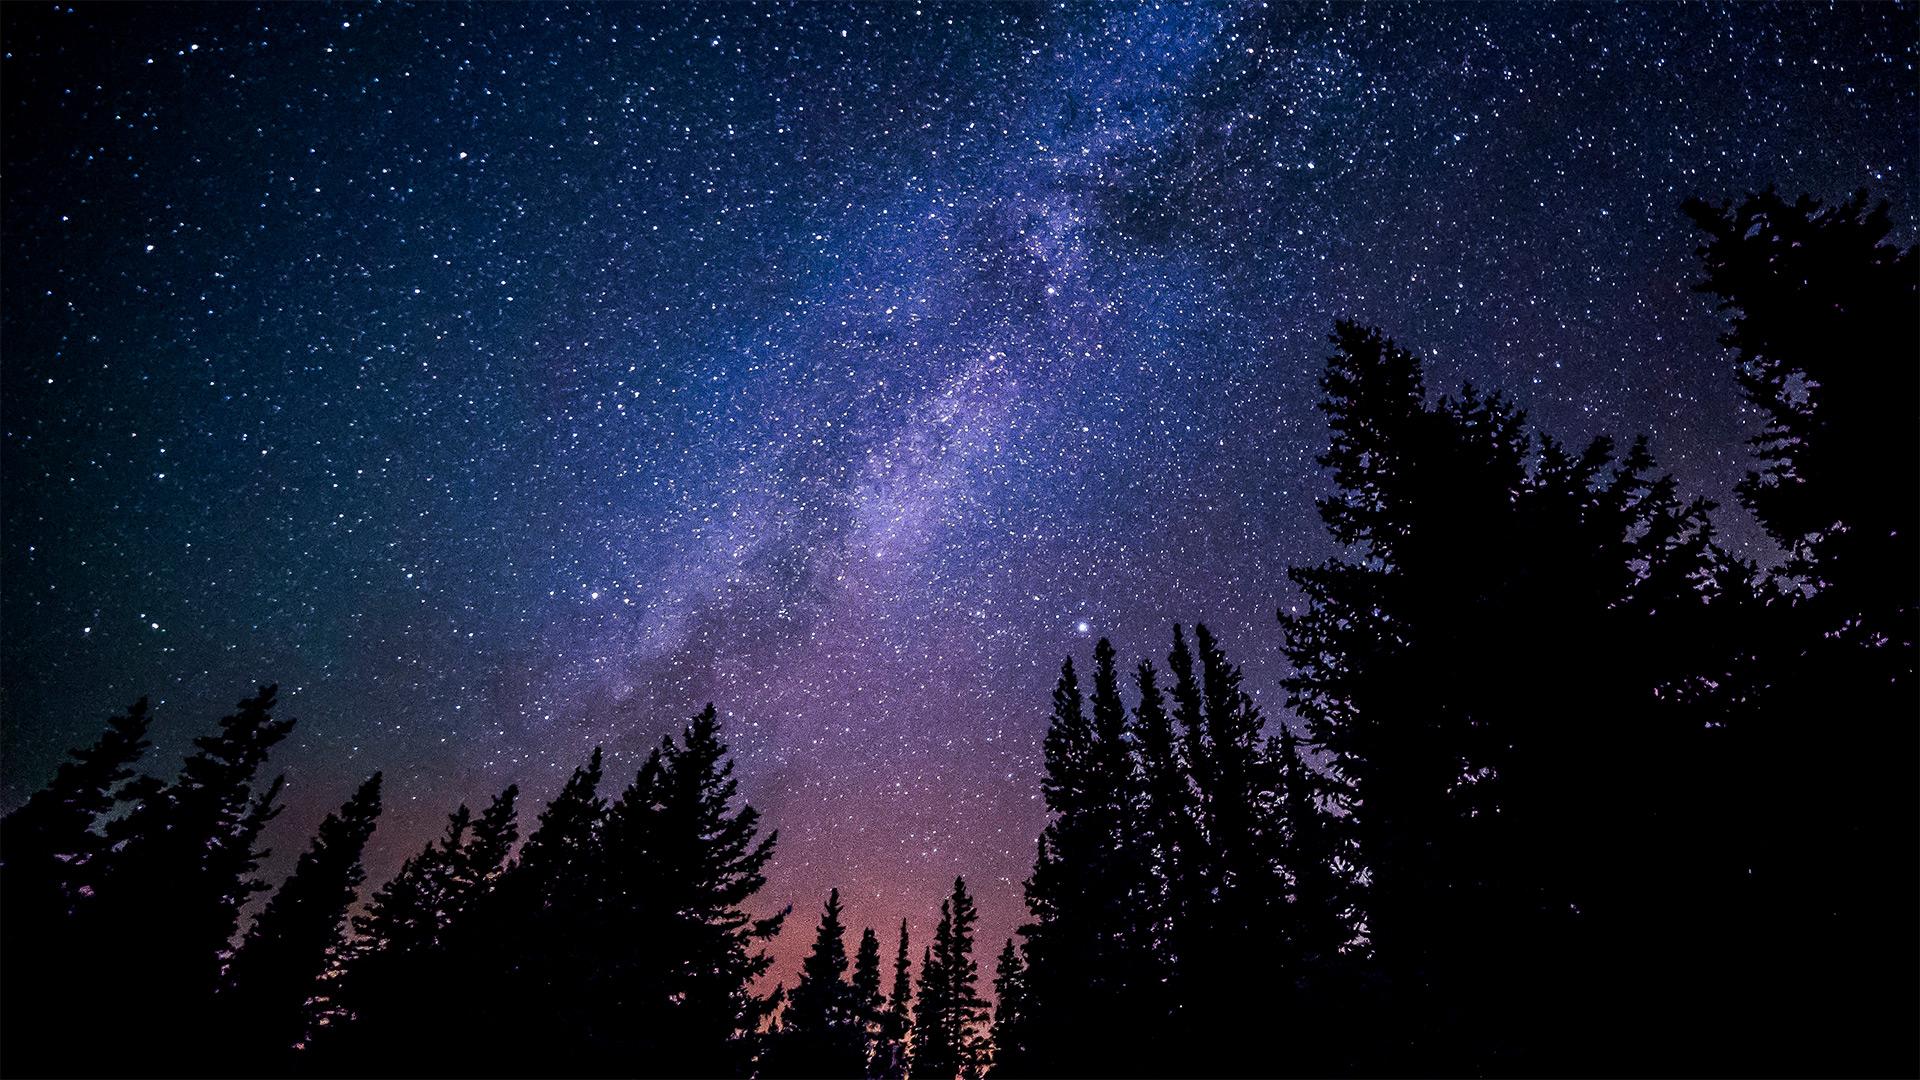 фото зоряного неба теперь